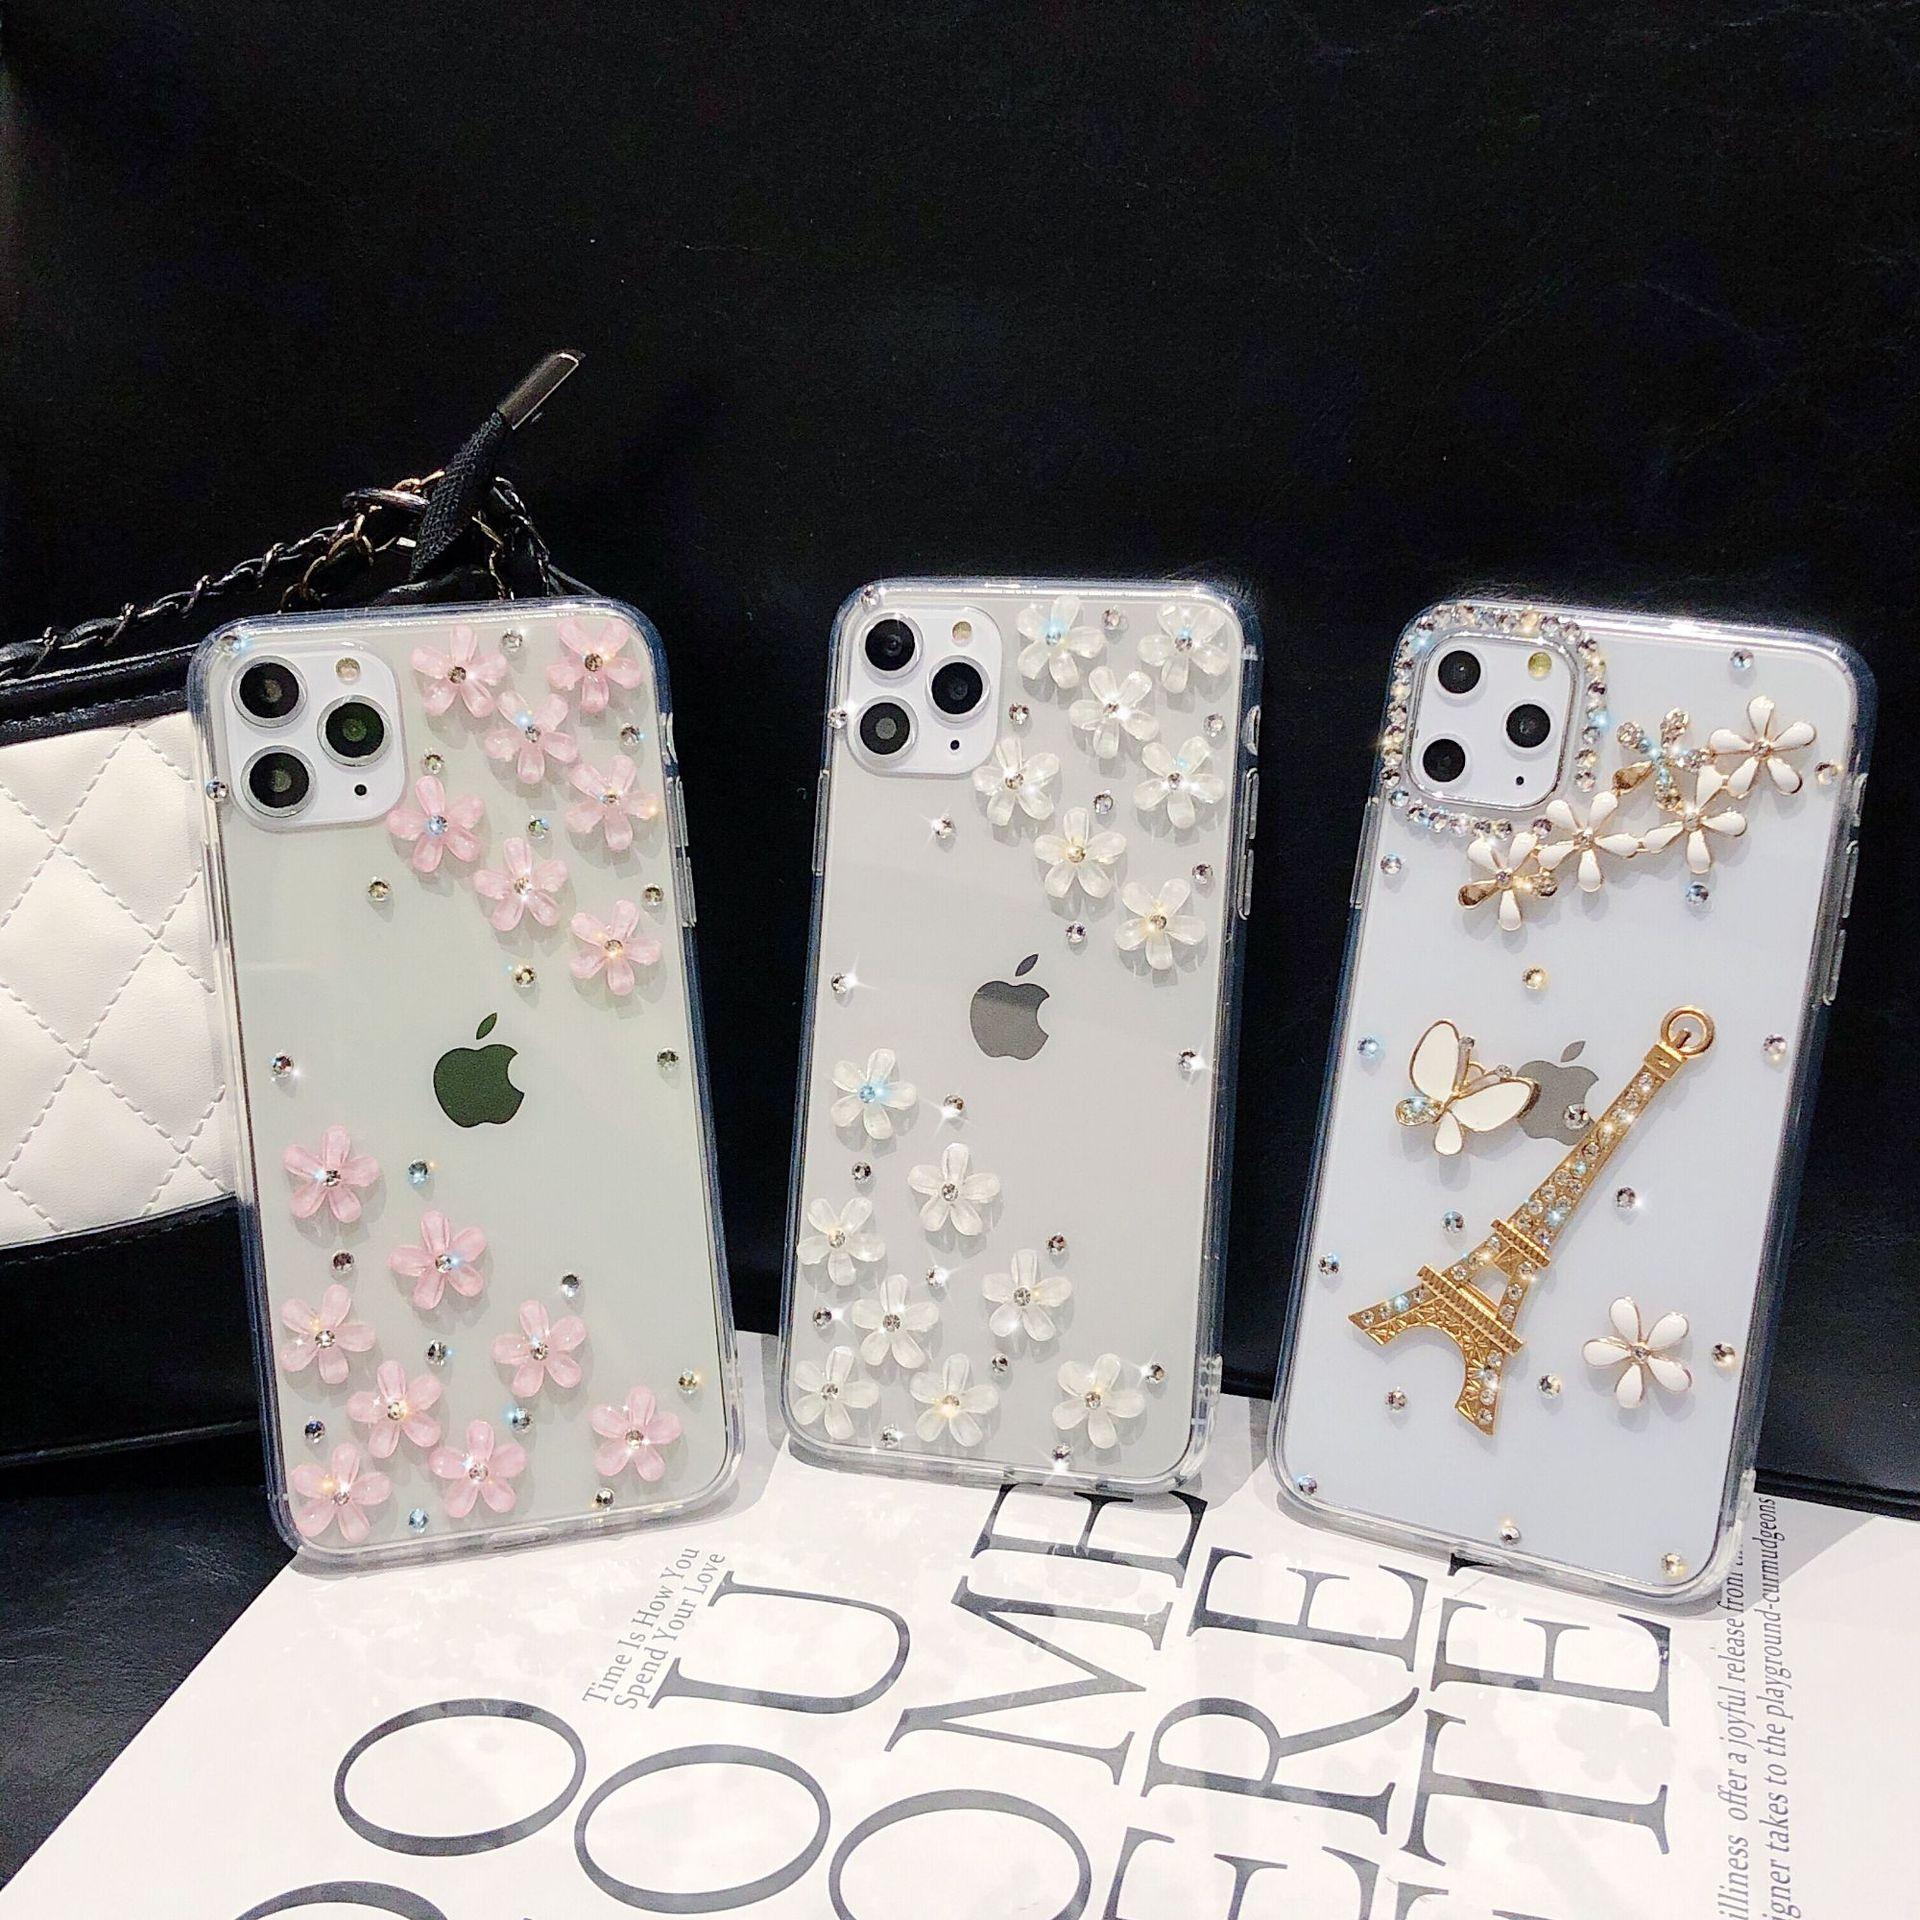 Funda de teléfono de torre de diamante para iPhone 11 Pro X XS Max XR 6 6s 7 8 Plus, funda con diamantes de imitación y flores